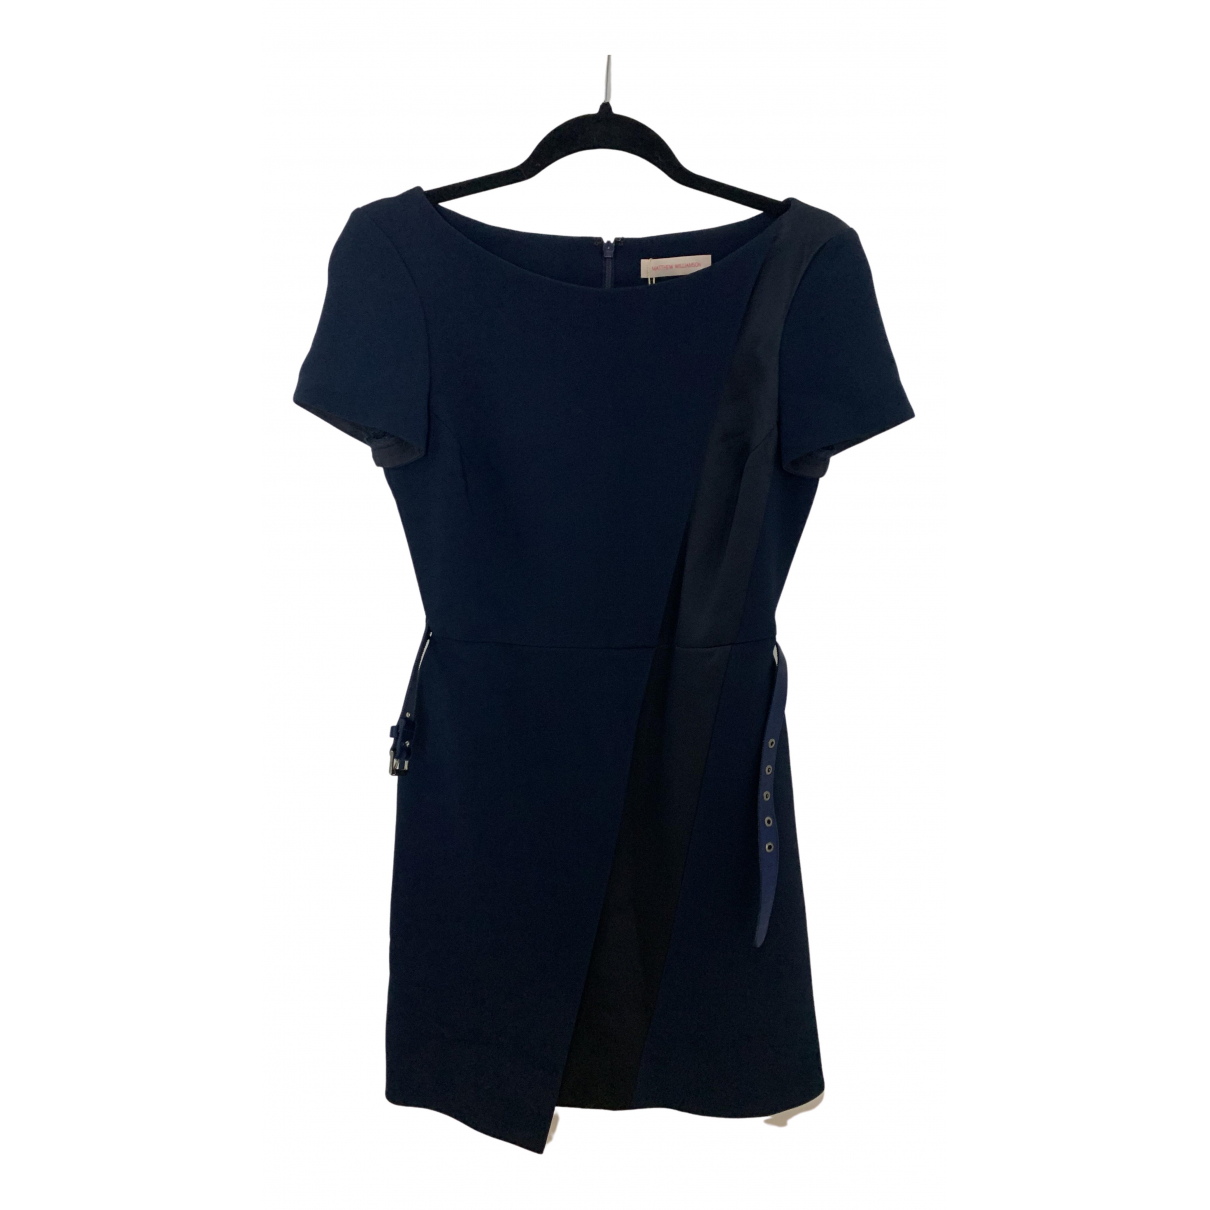 Matthew Williamson \N Kleid in  Marine Polyester